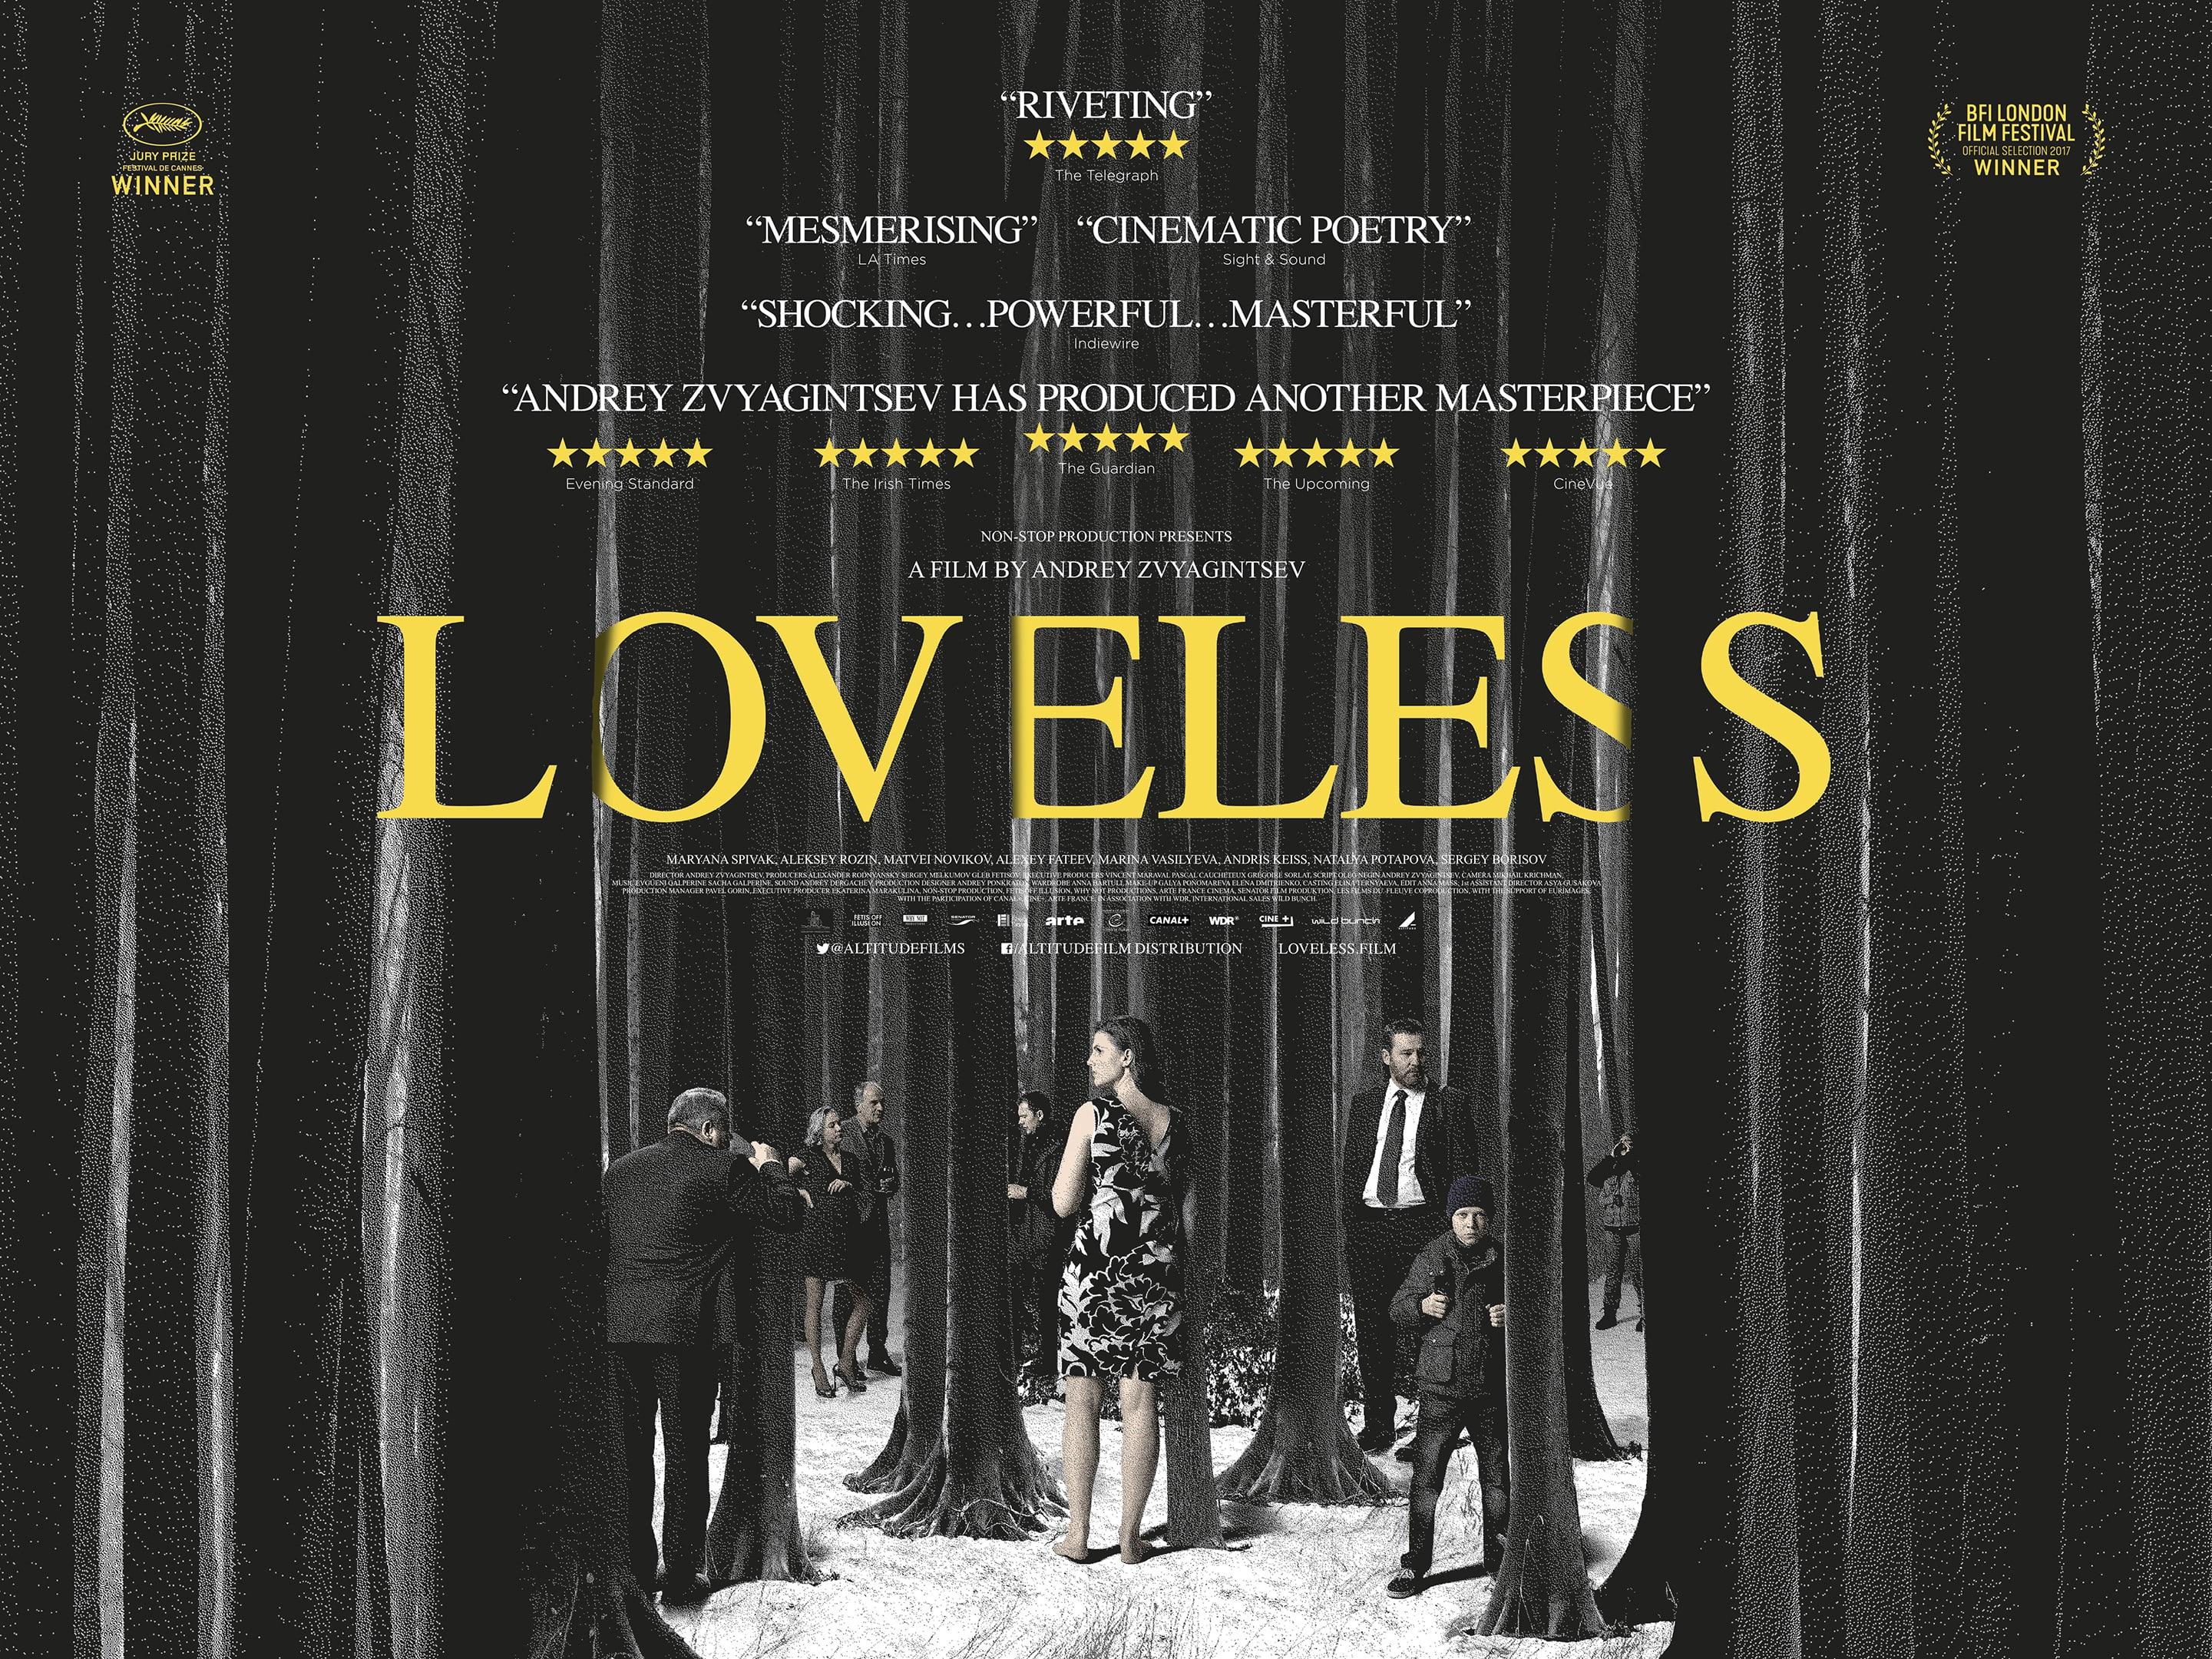 Loveless Quad Poster